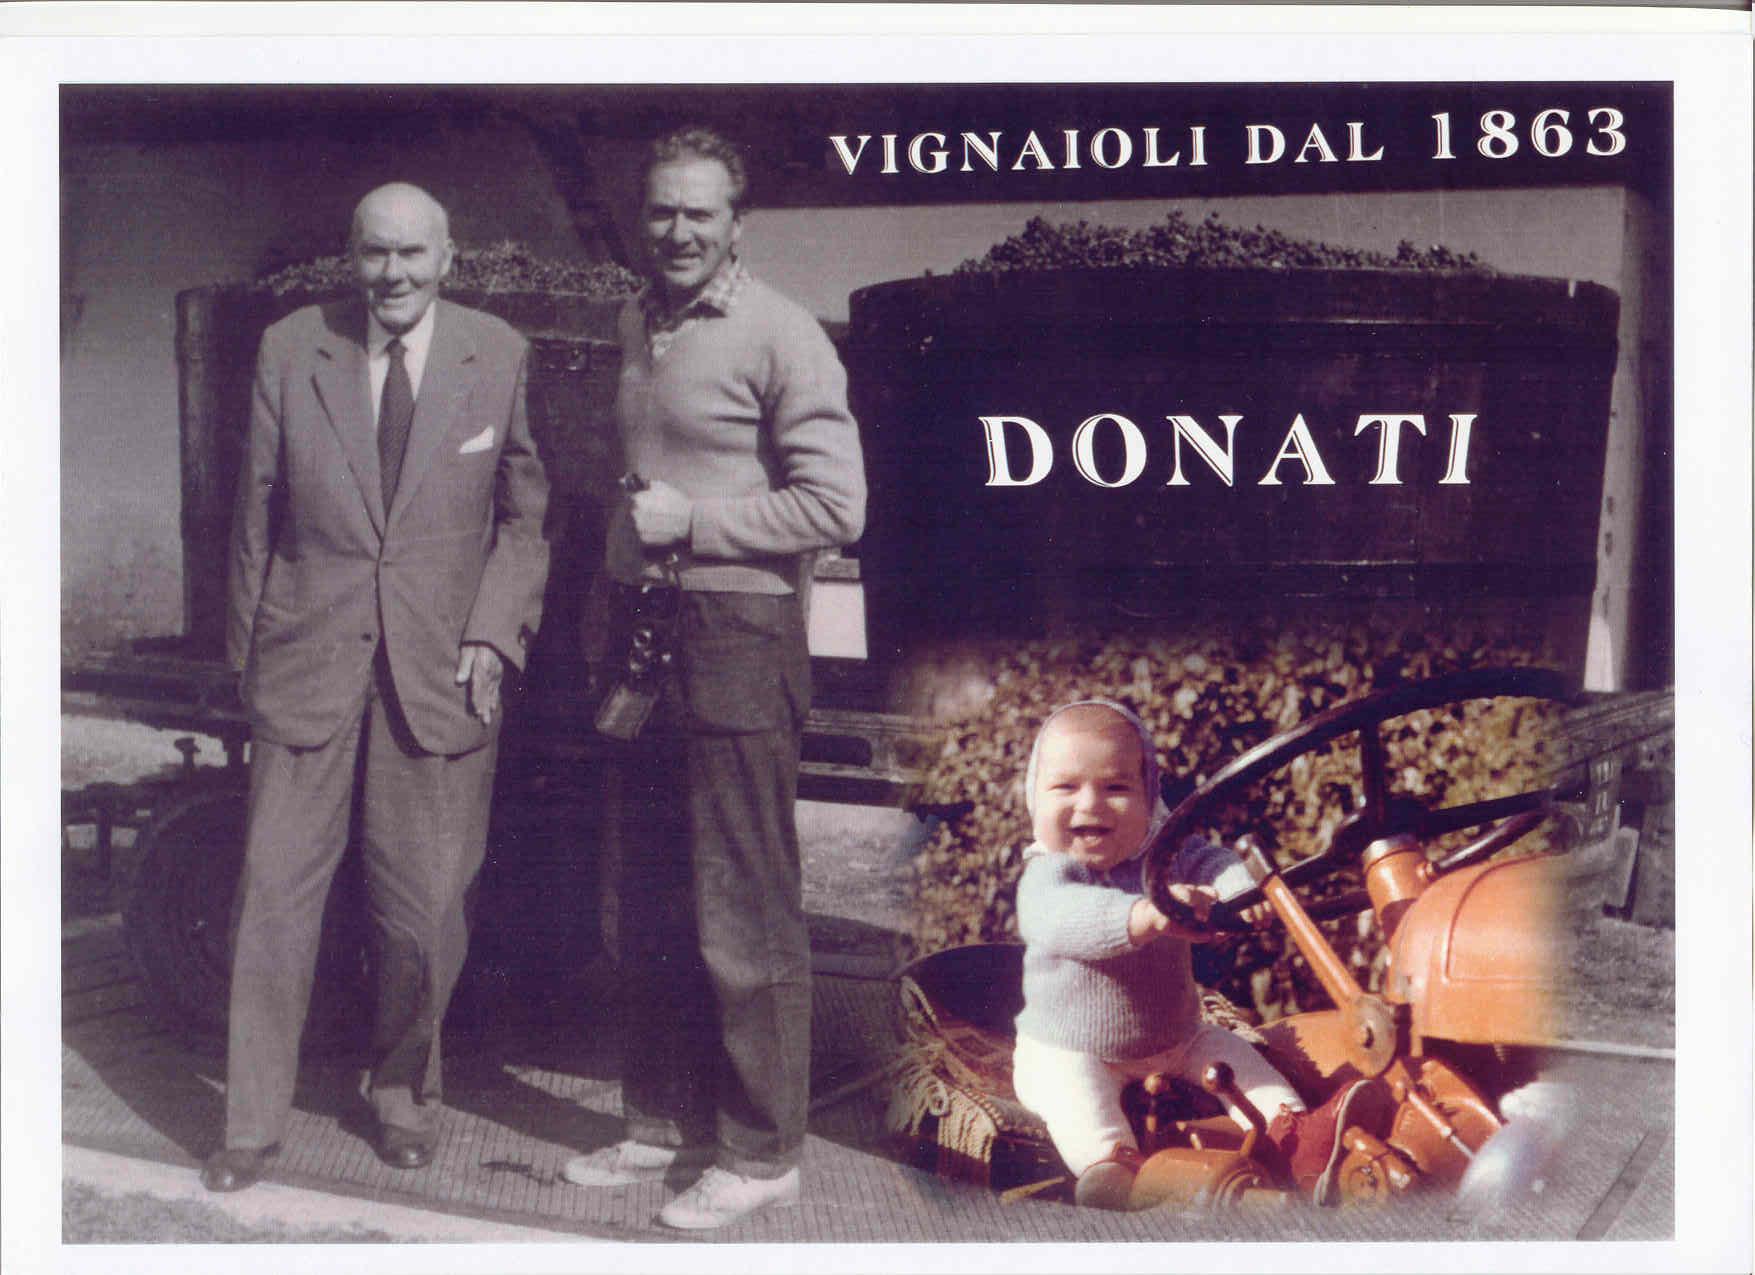 cantina_donati_marco_generazioni_vignaioli_dal_1863